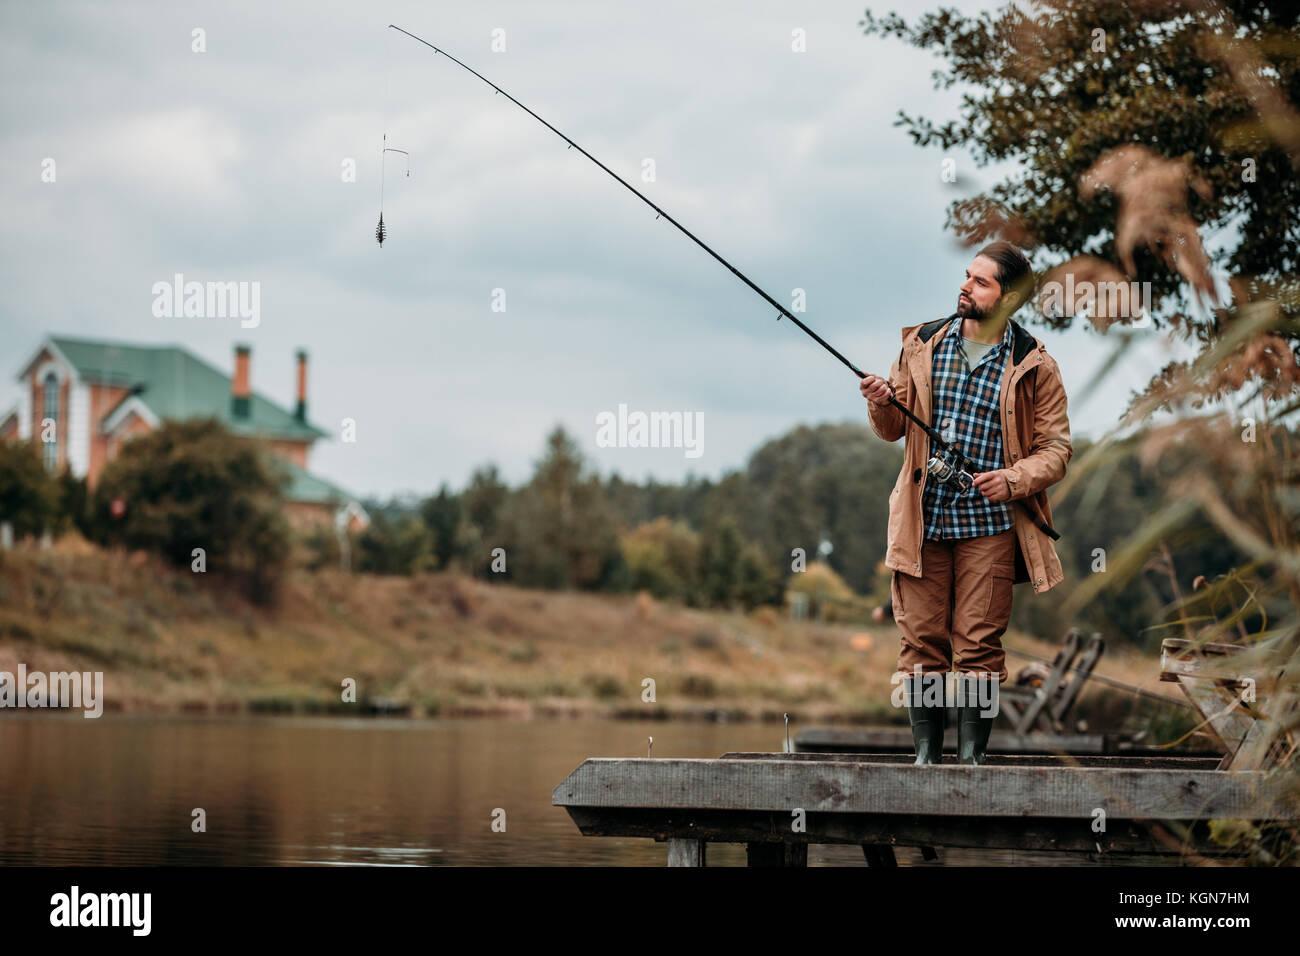 Uomo di pesca con asta a lago Immagini Stock